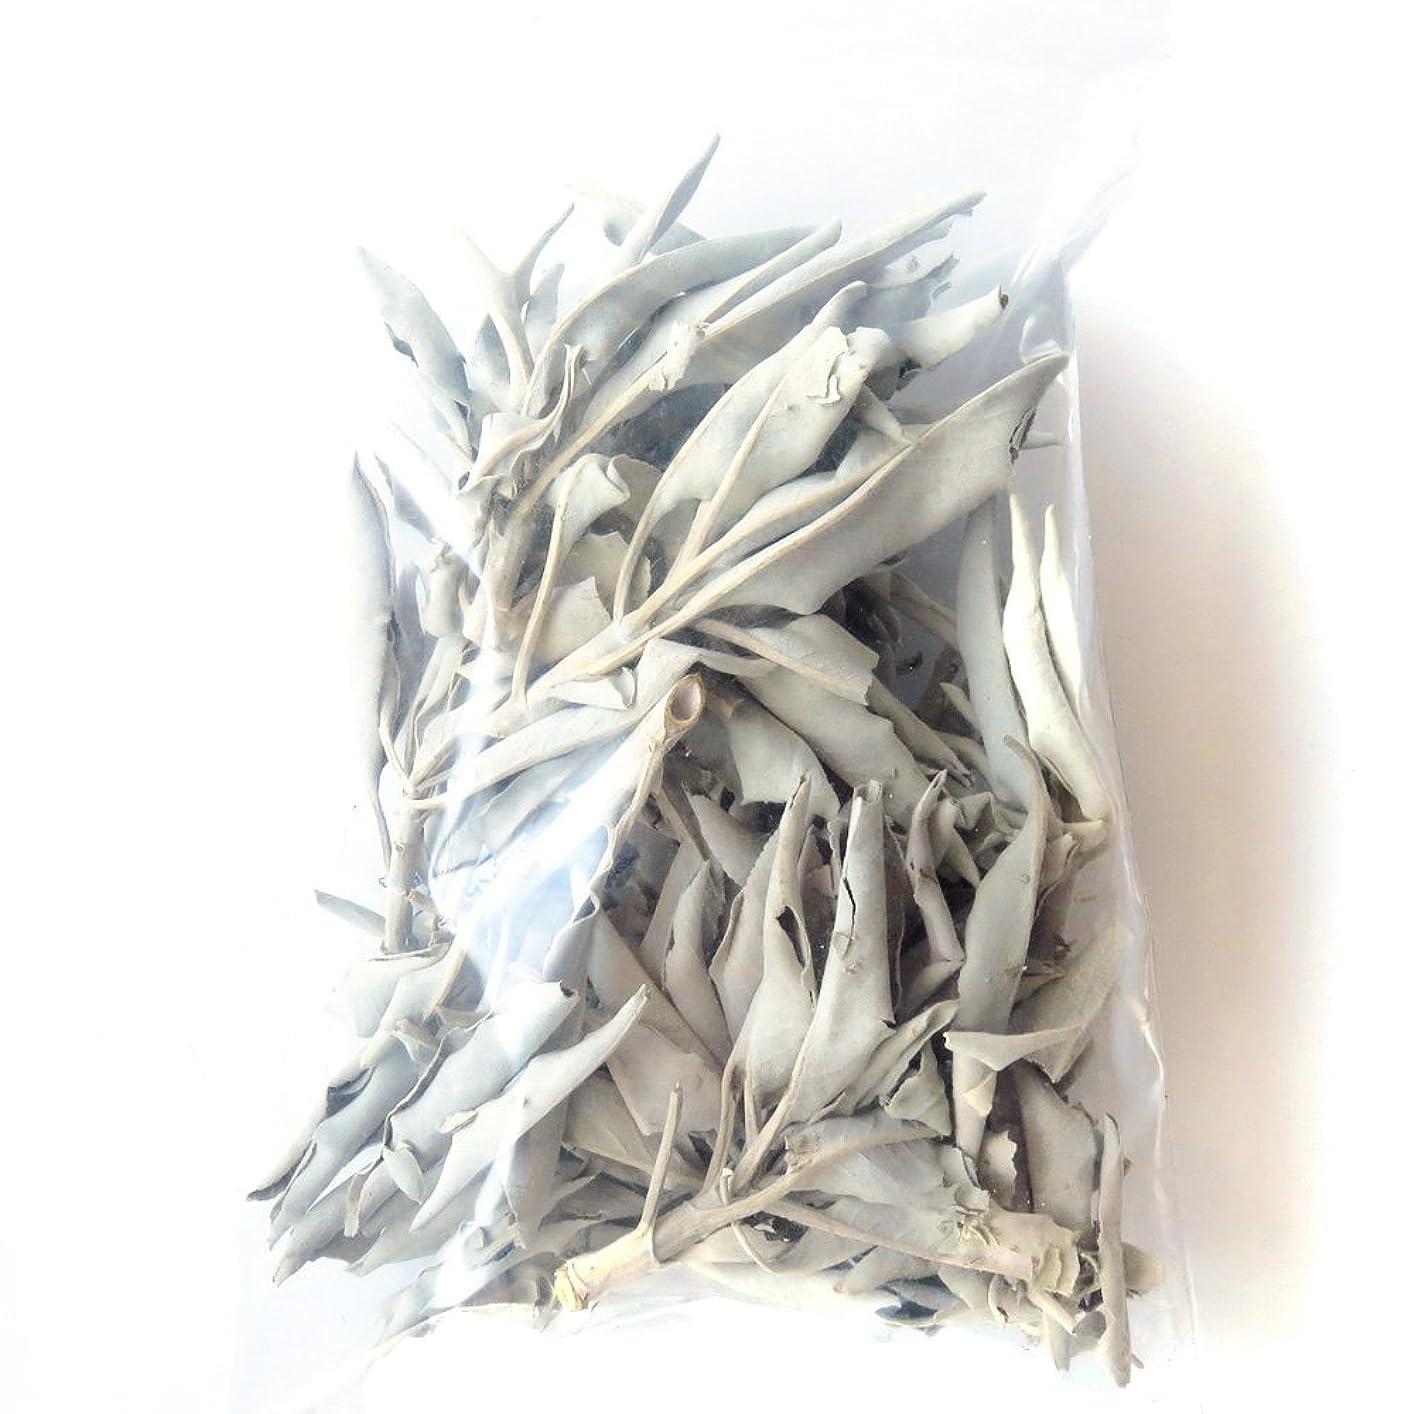 高揚した効能時々ホワイトセージ 無農薬 カルフォルニア産 30g前後 (枝付き)